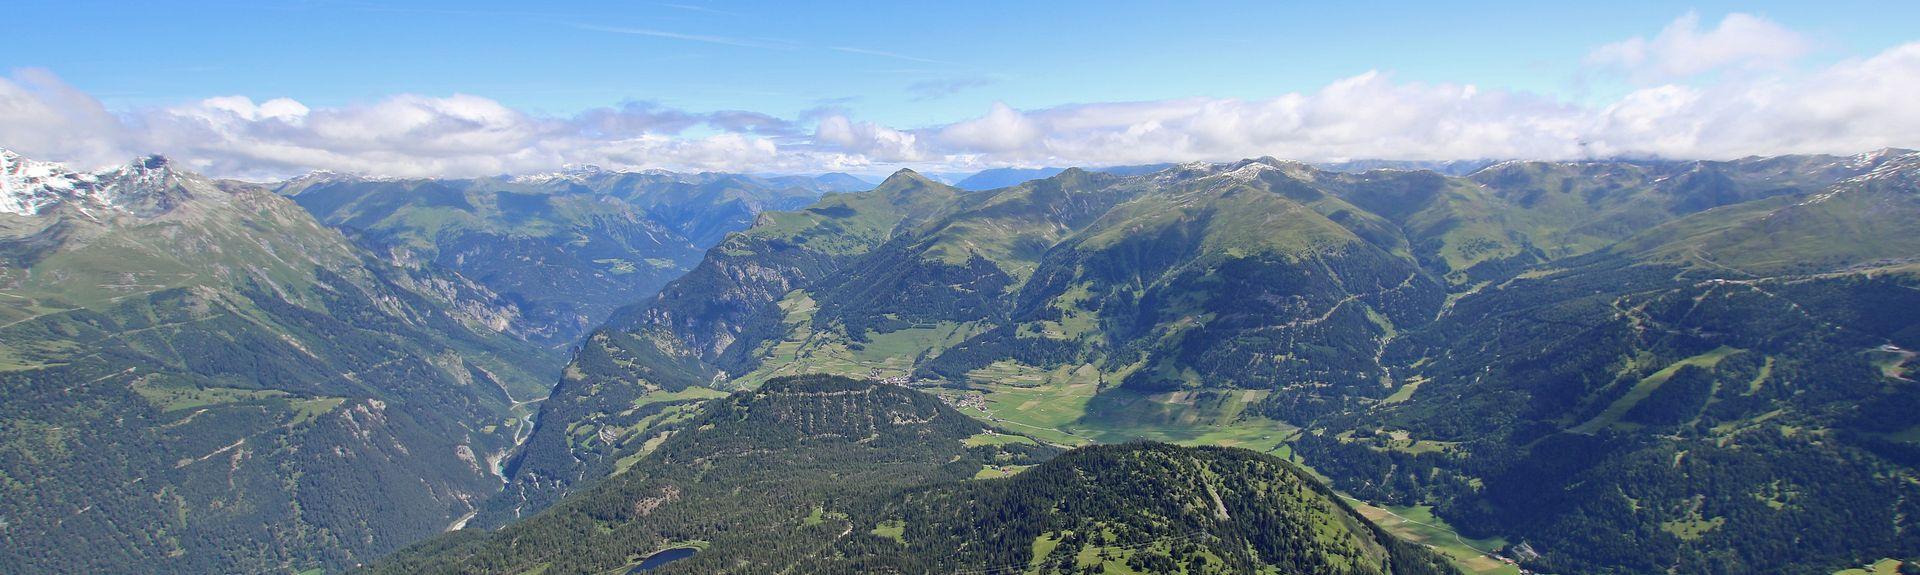 Ried im Oberinntal, Τίρολο, Αυστρία